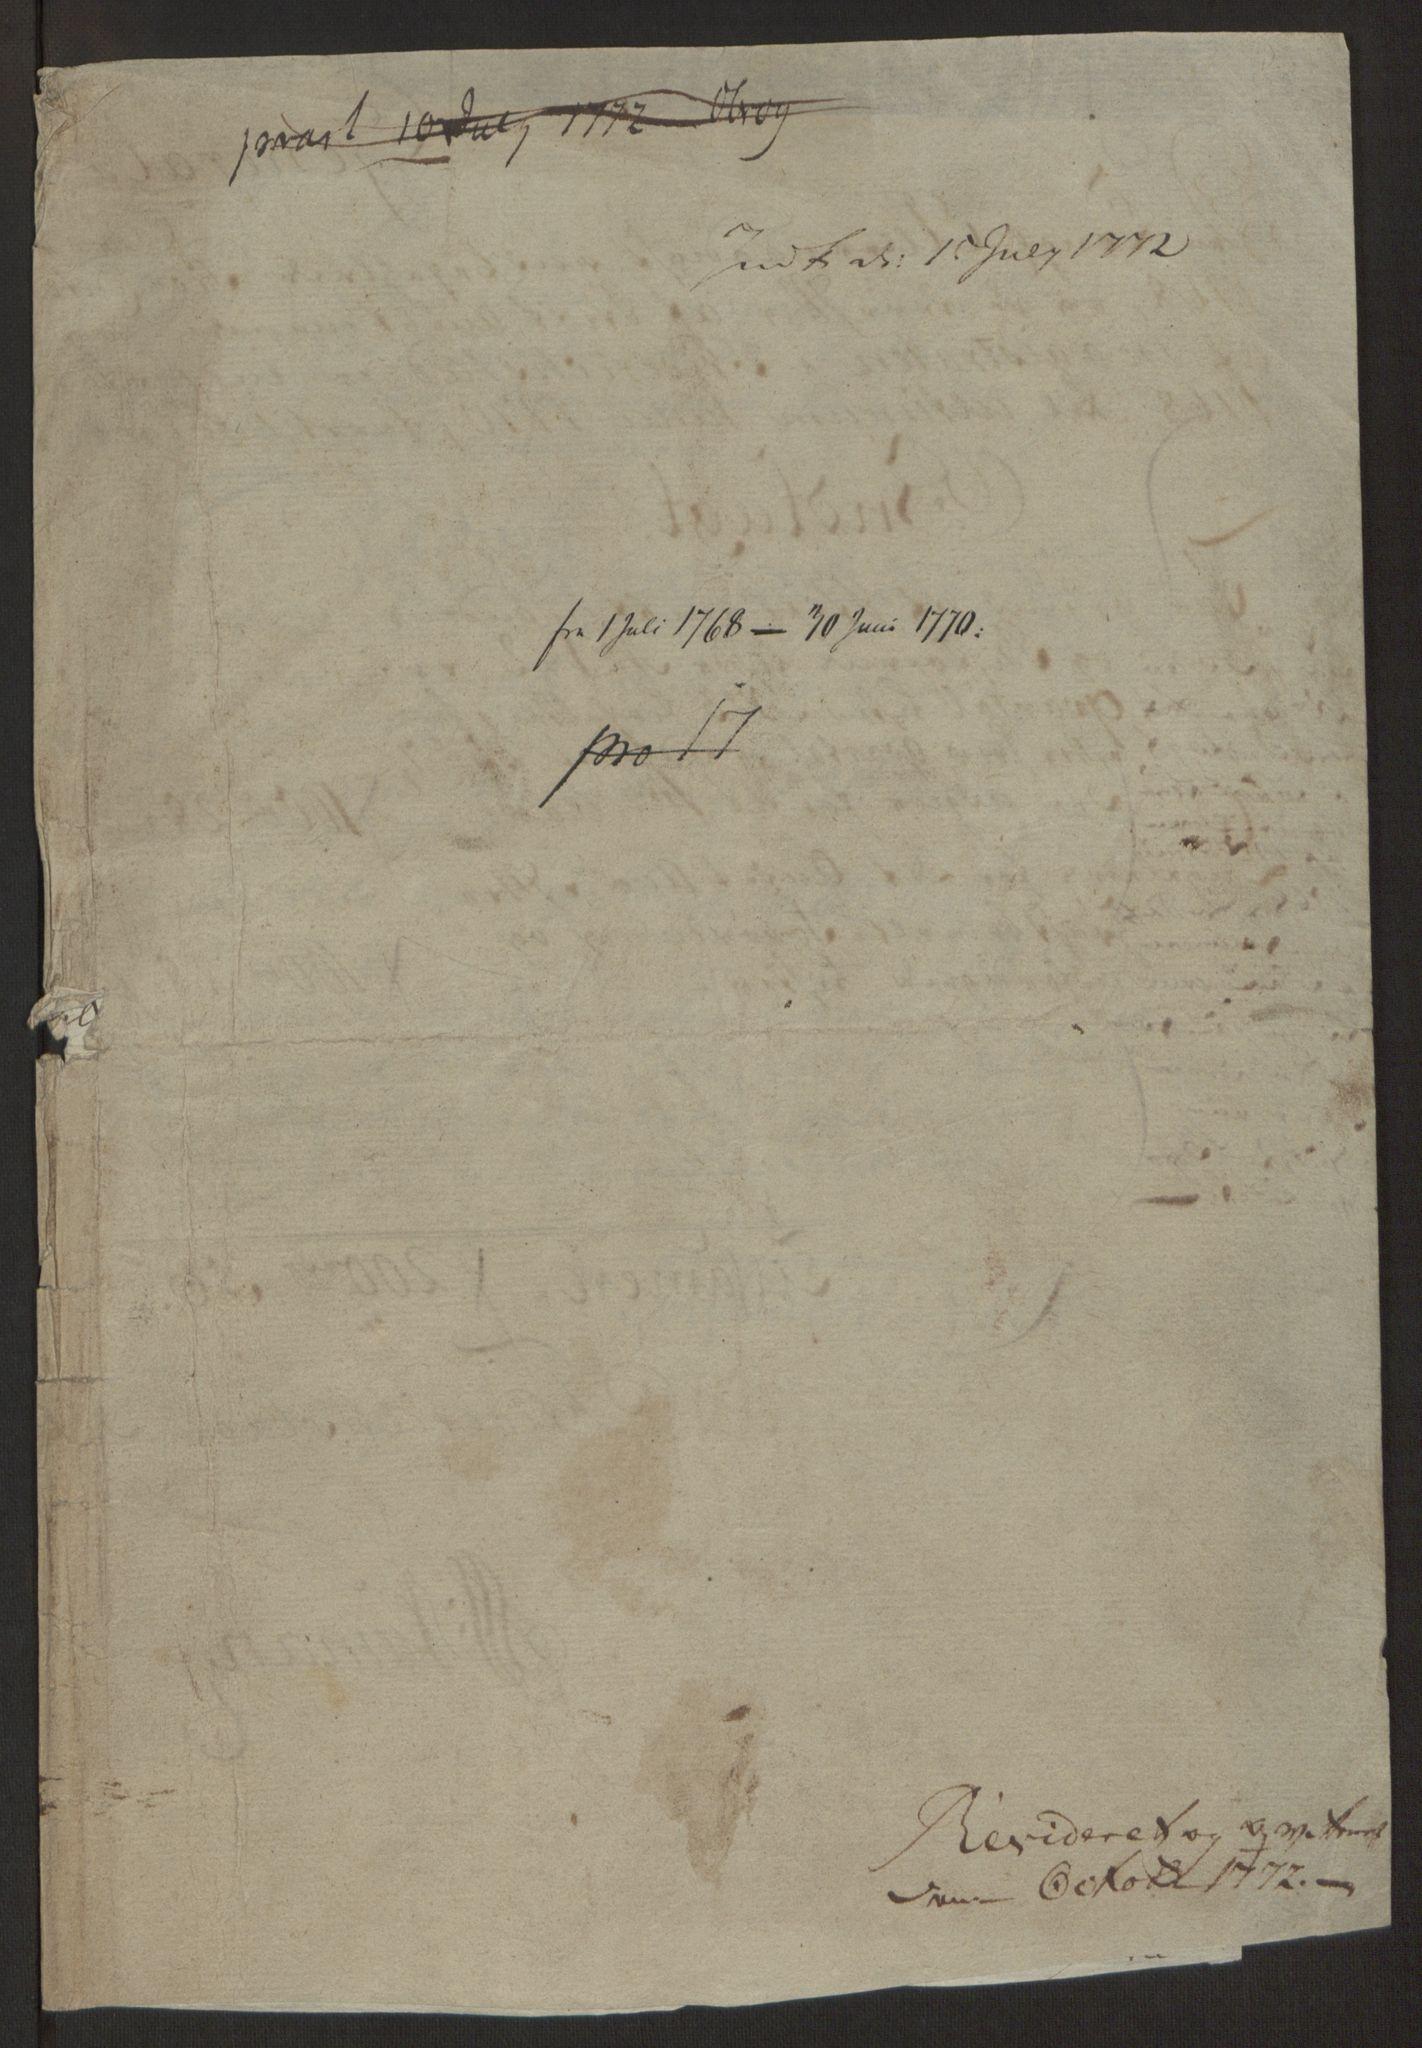 RA, Rentekammeret inntil 1814, Reviderte regnskaper, Byregnskaper, R/Rb/L0029: [B3] Kontribusjonsregnskap, 1762-1772, s. 491